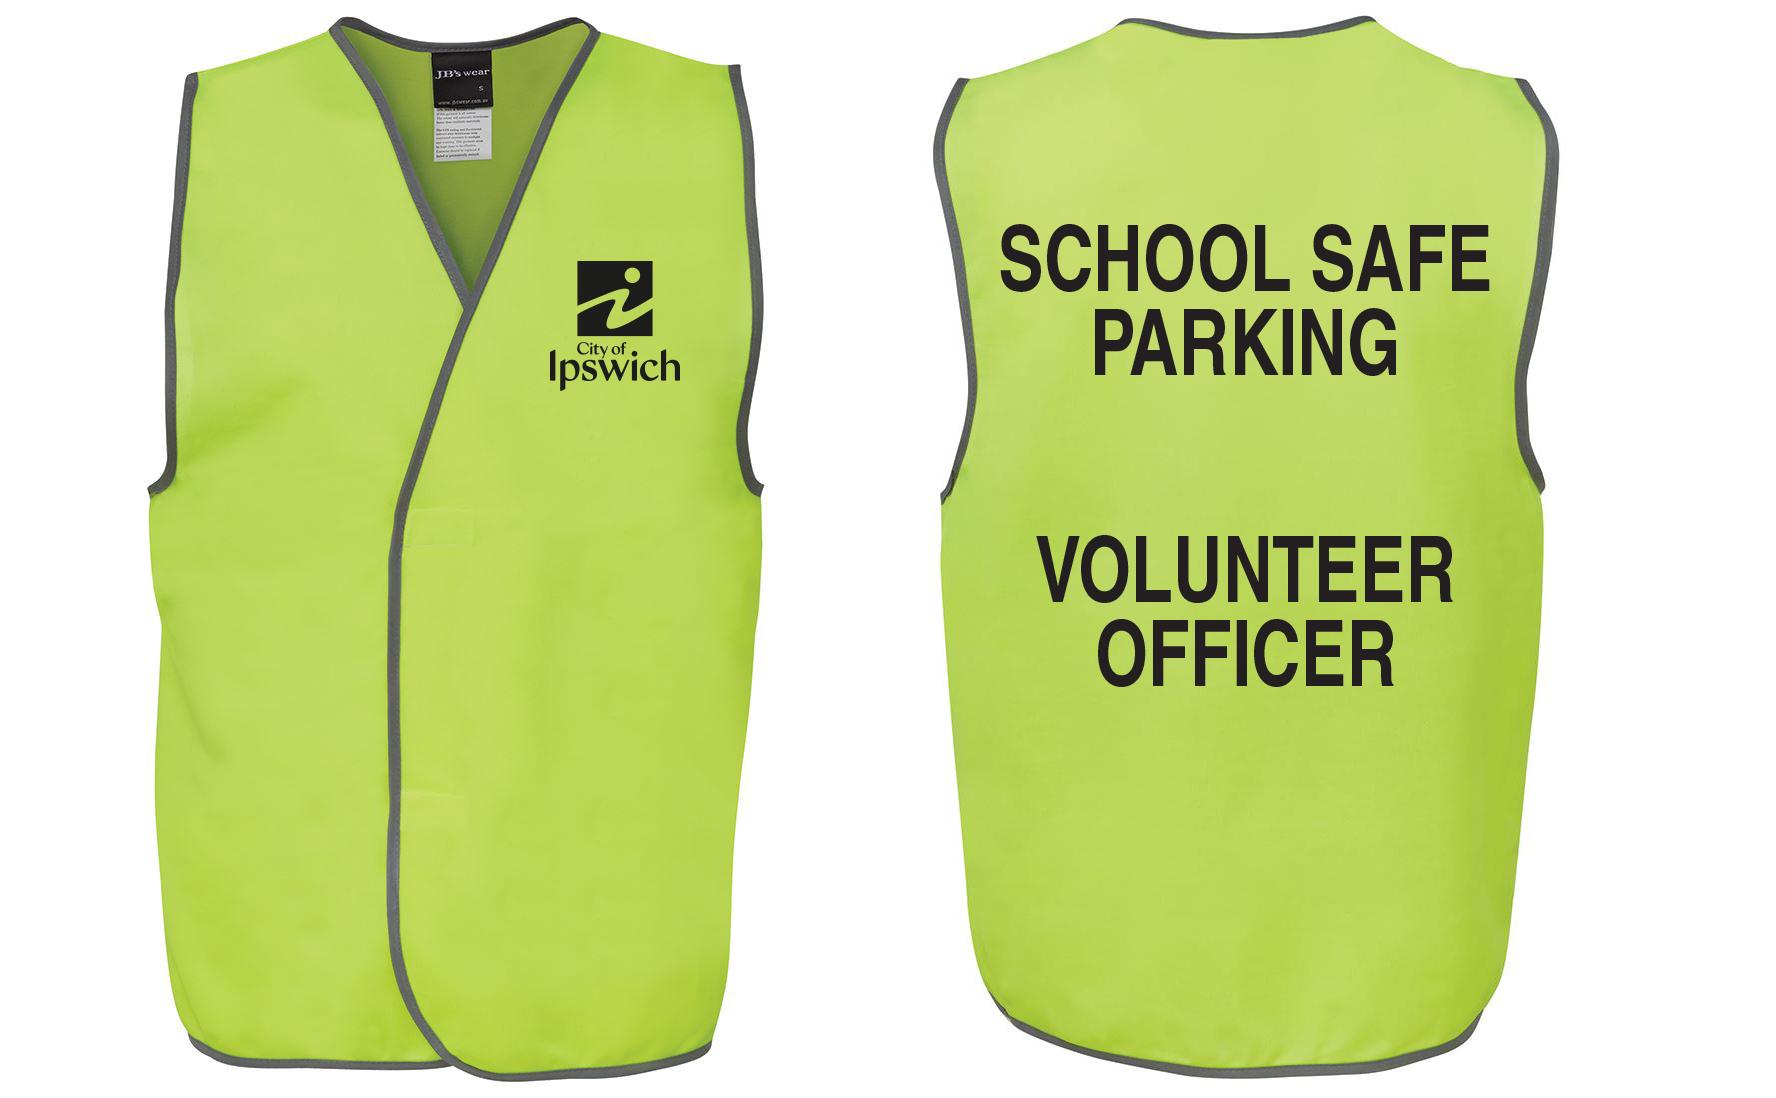 school-safe-parking-vests